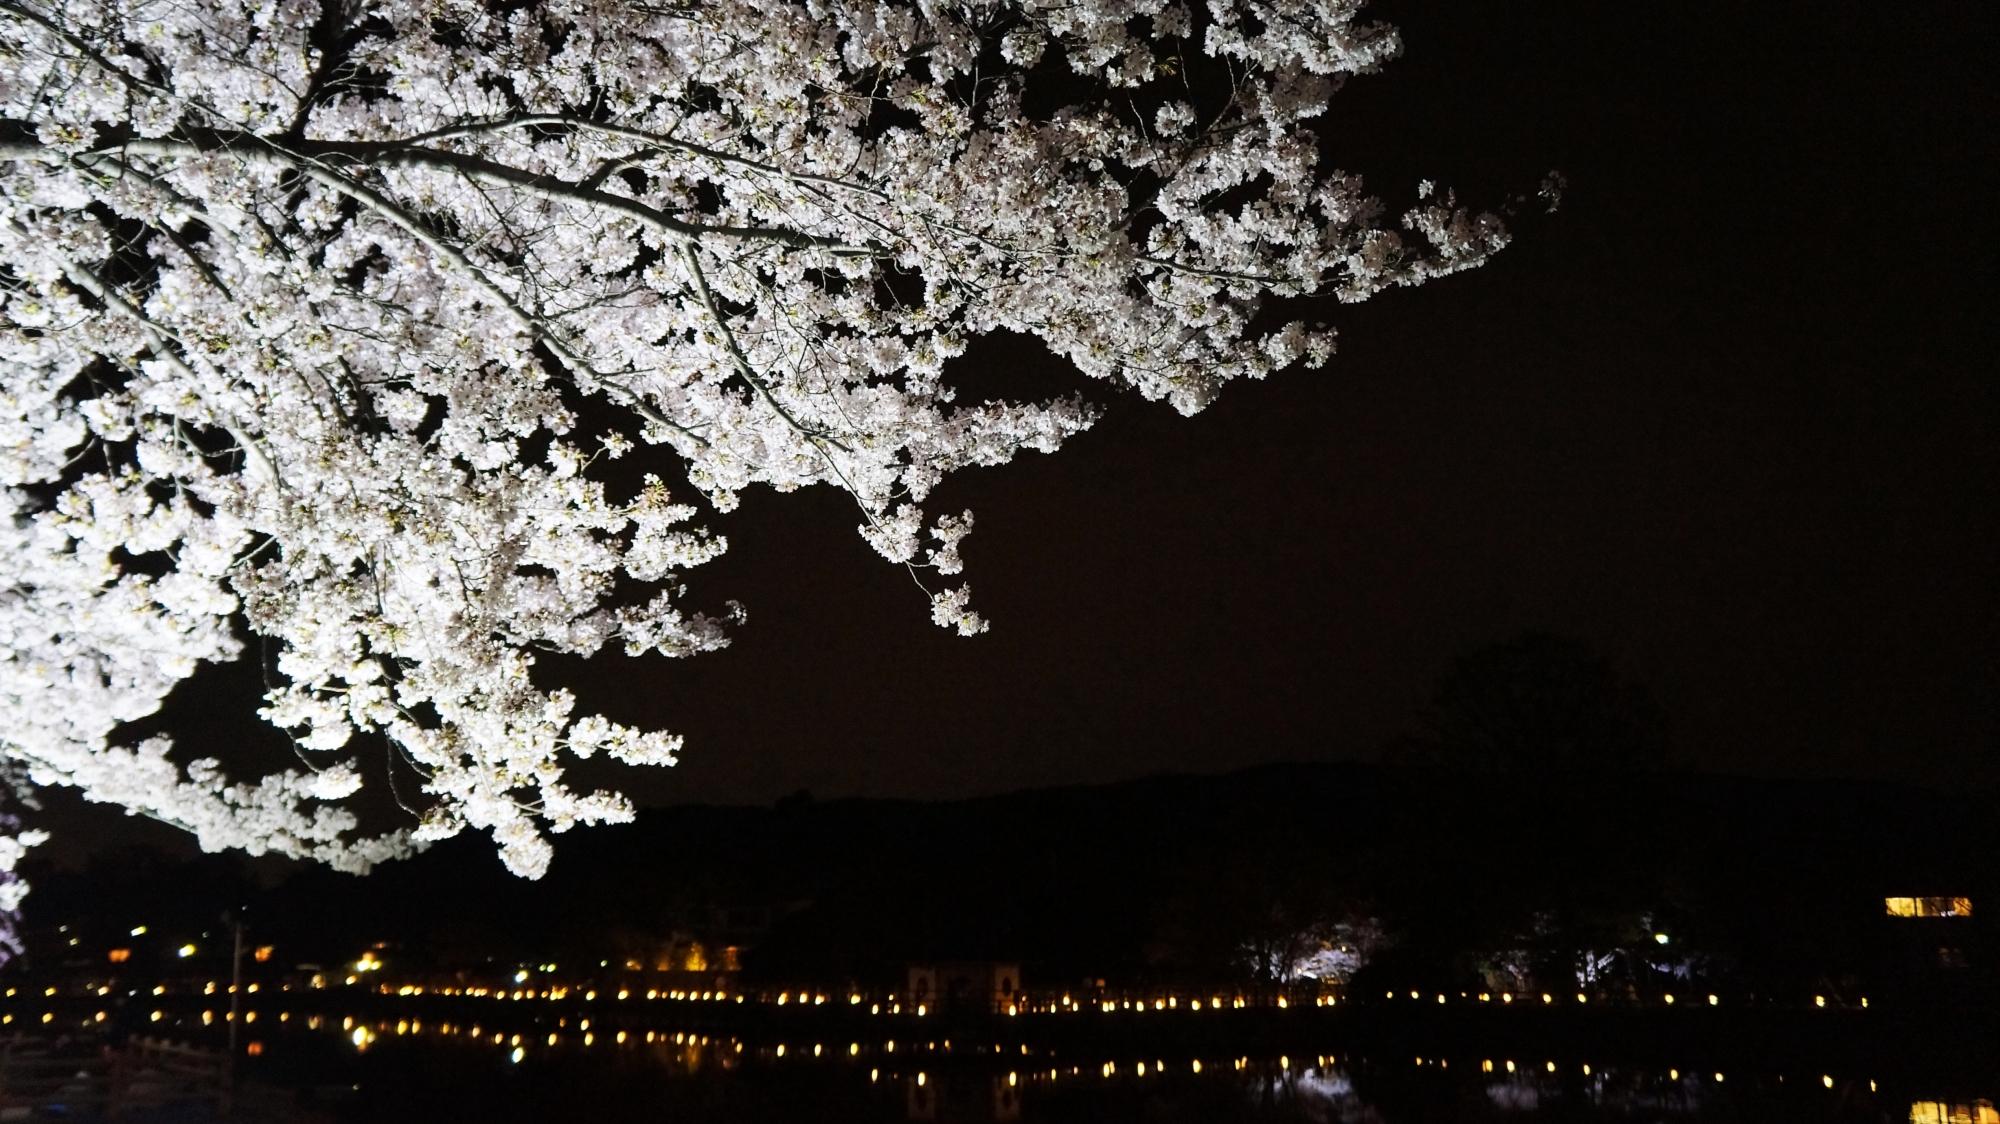 下から眺めた長岡天満宮の満開の夜桜